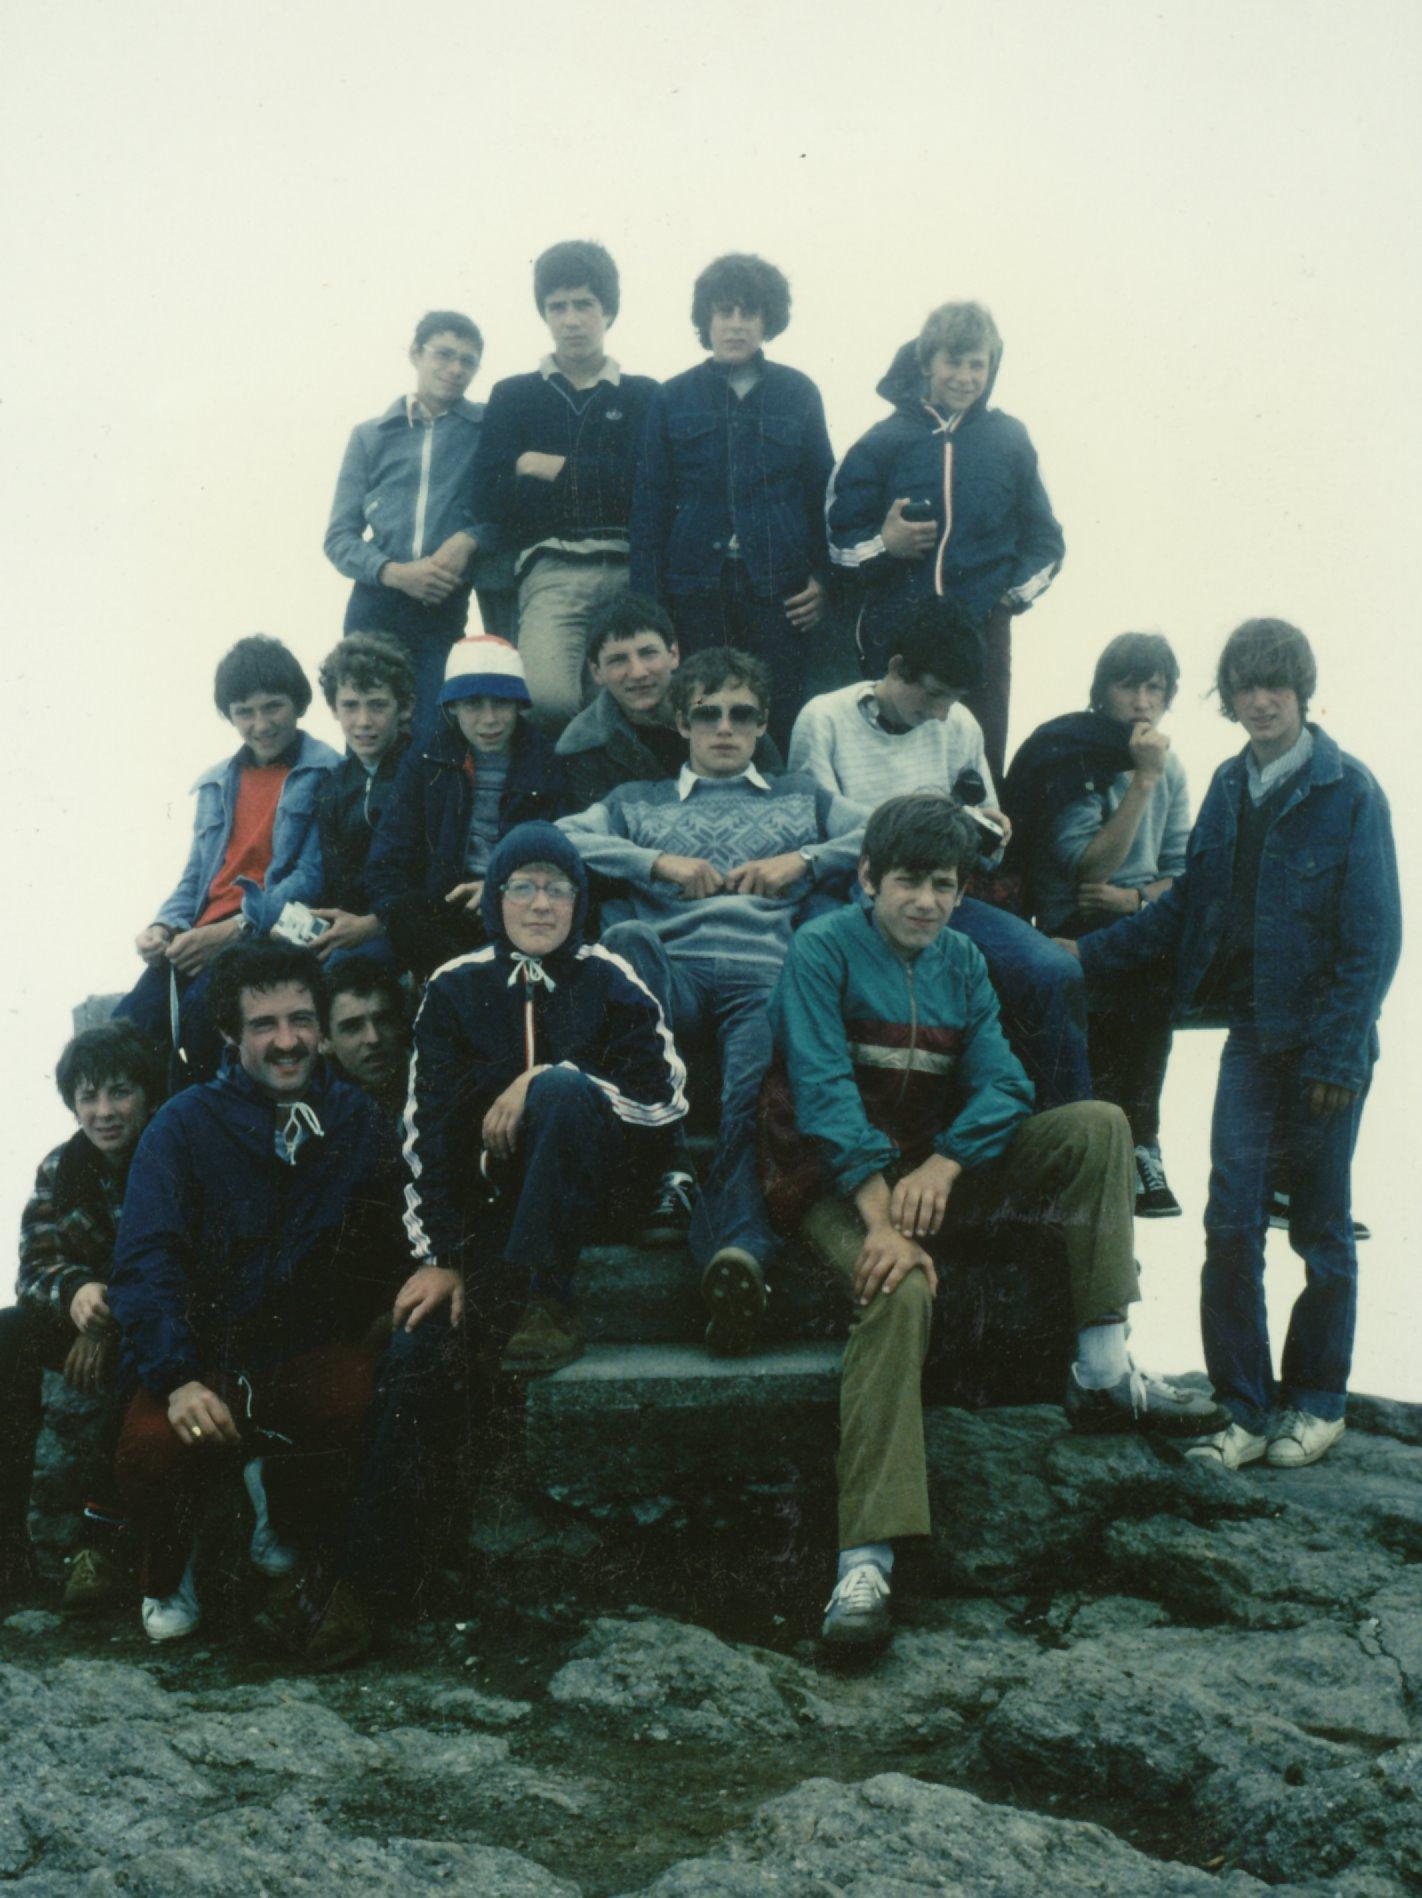 Archives anciens élèves mfr puy-sec 1982 (10)